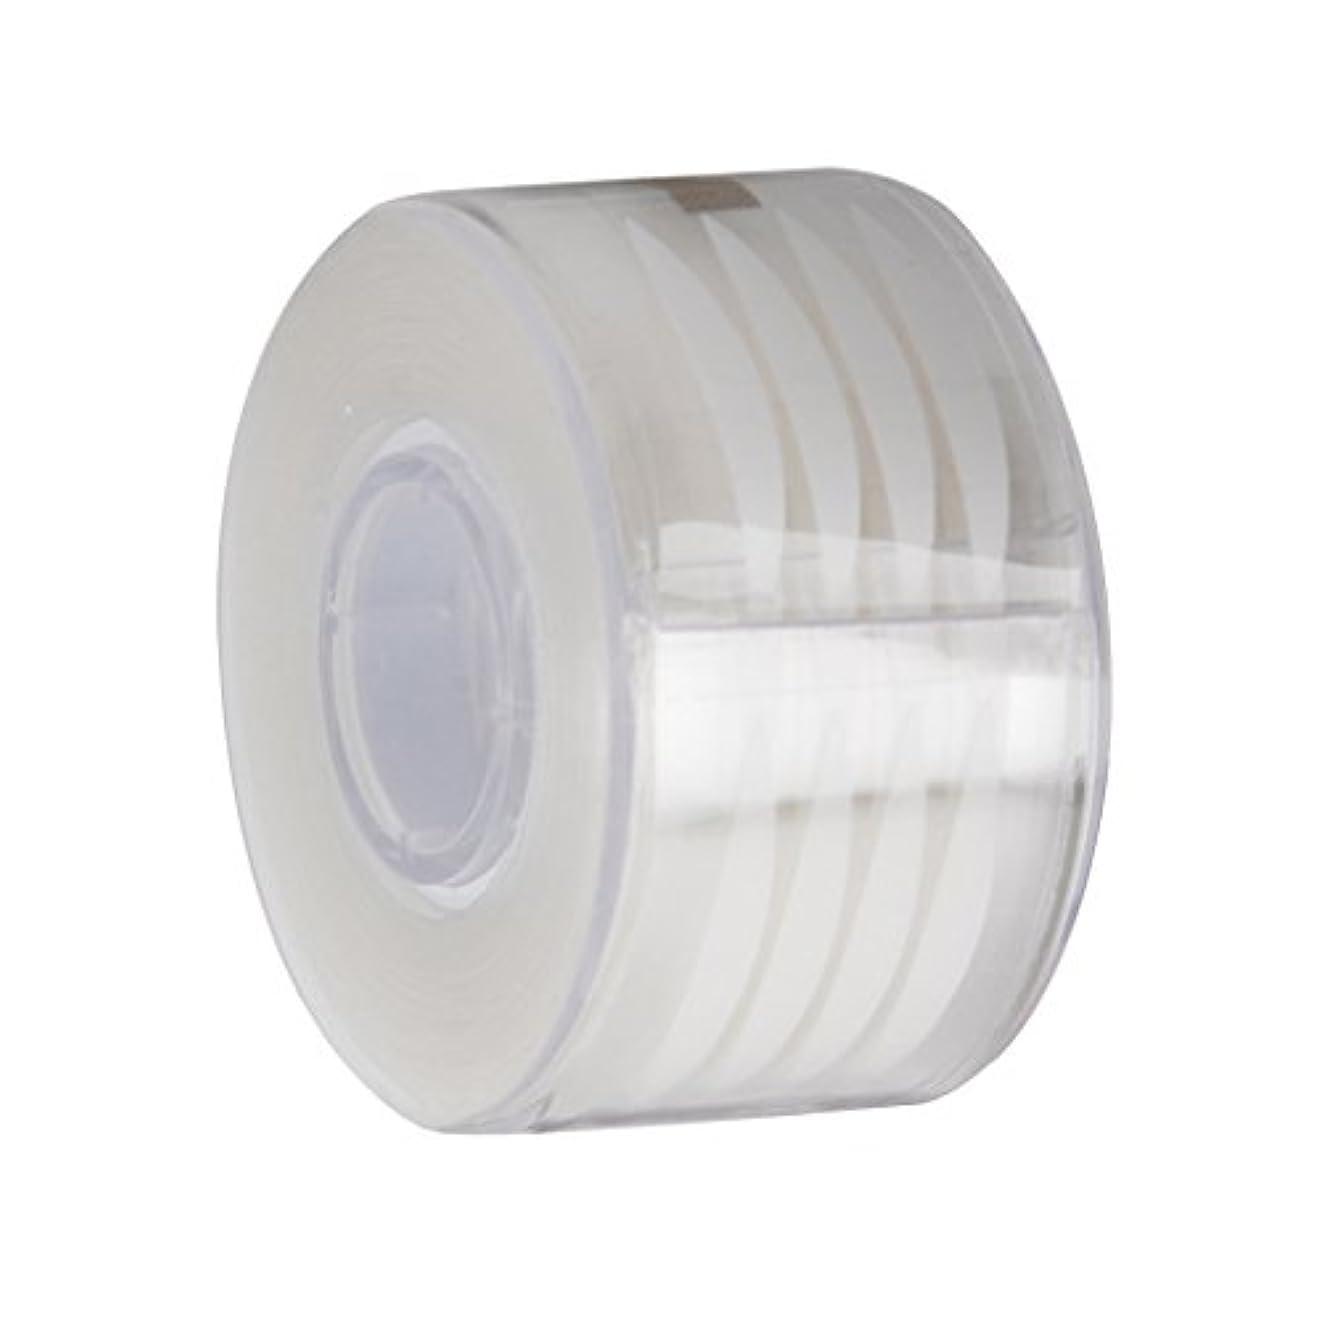 認識ヘルパー数学者B Blesiya 二重まぶた用アイテープ アイライナーステッカー 二重まぶたテープ メイクアップツール